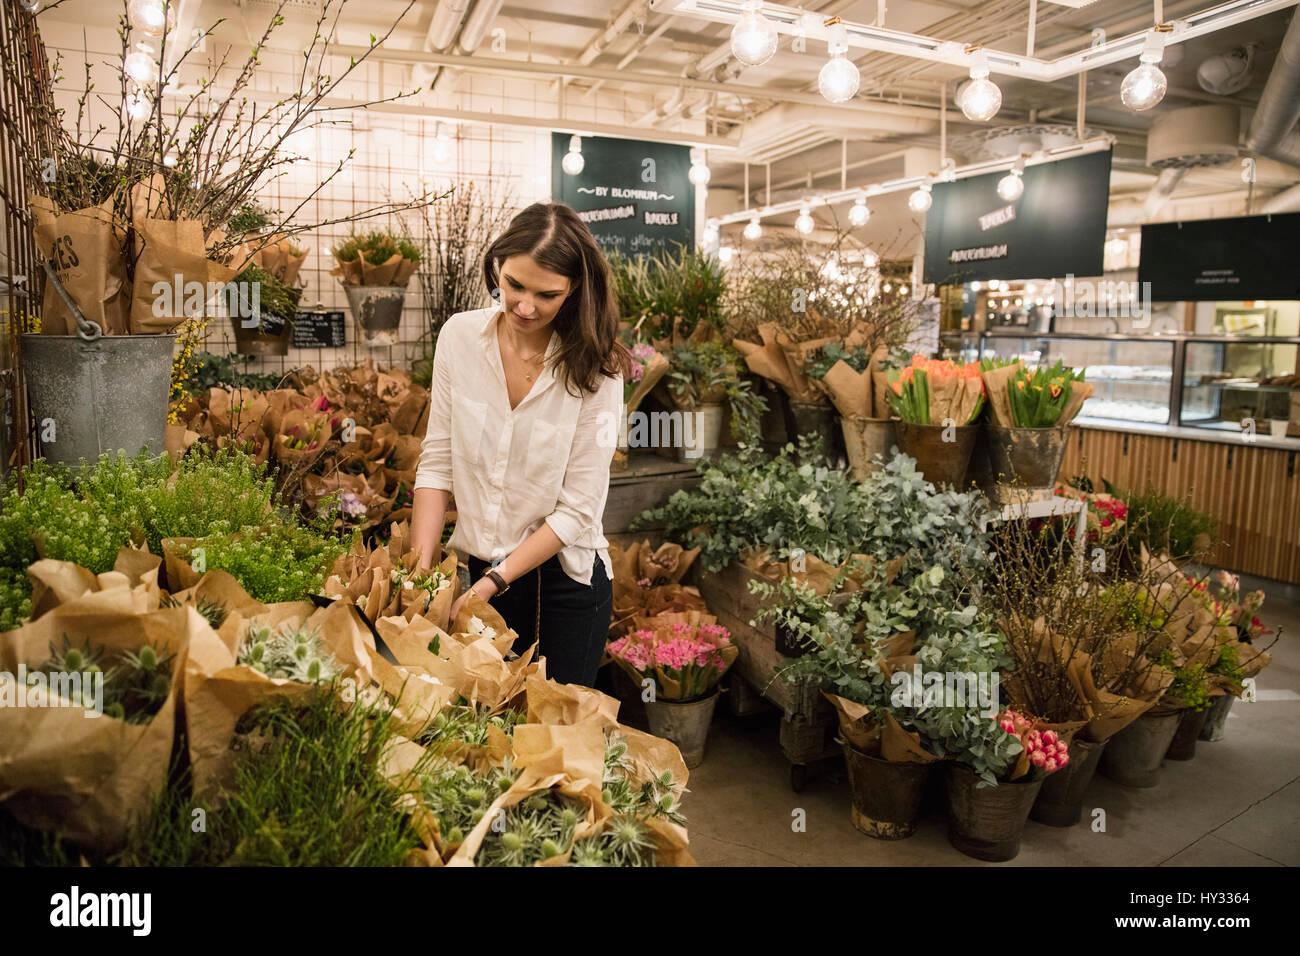 La Suède, femme de choisir des fleurs en boutique Photo Stock